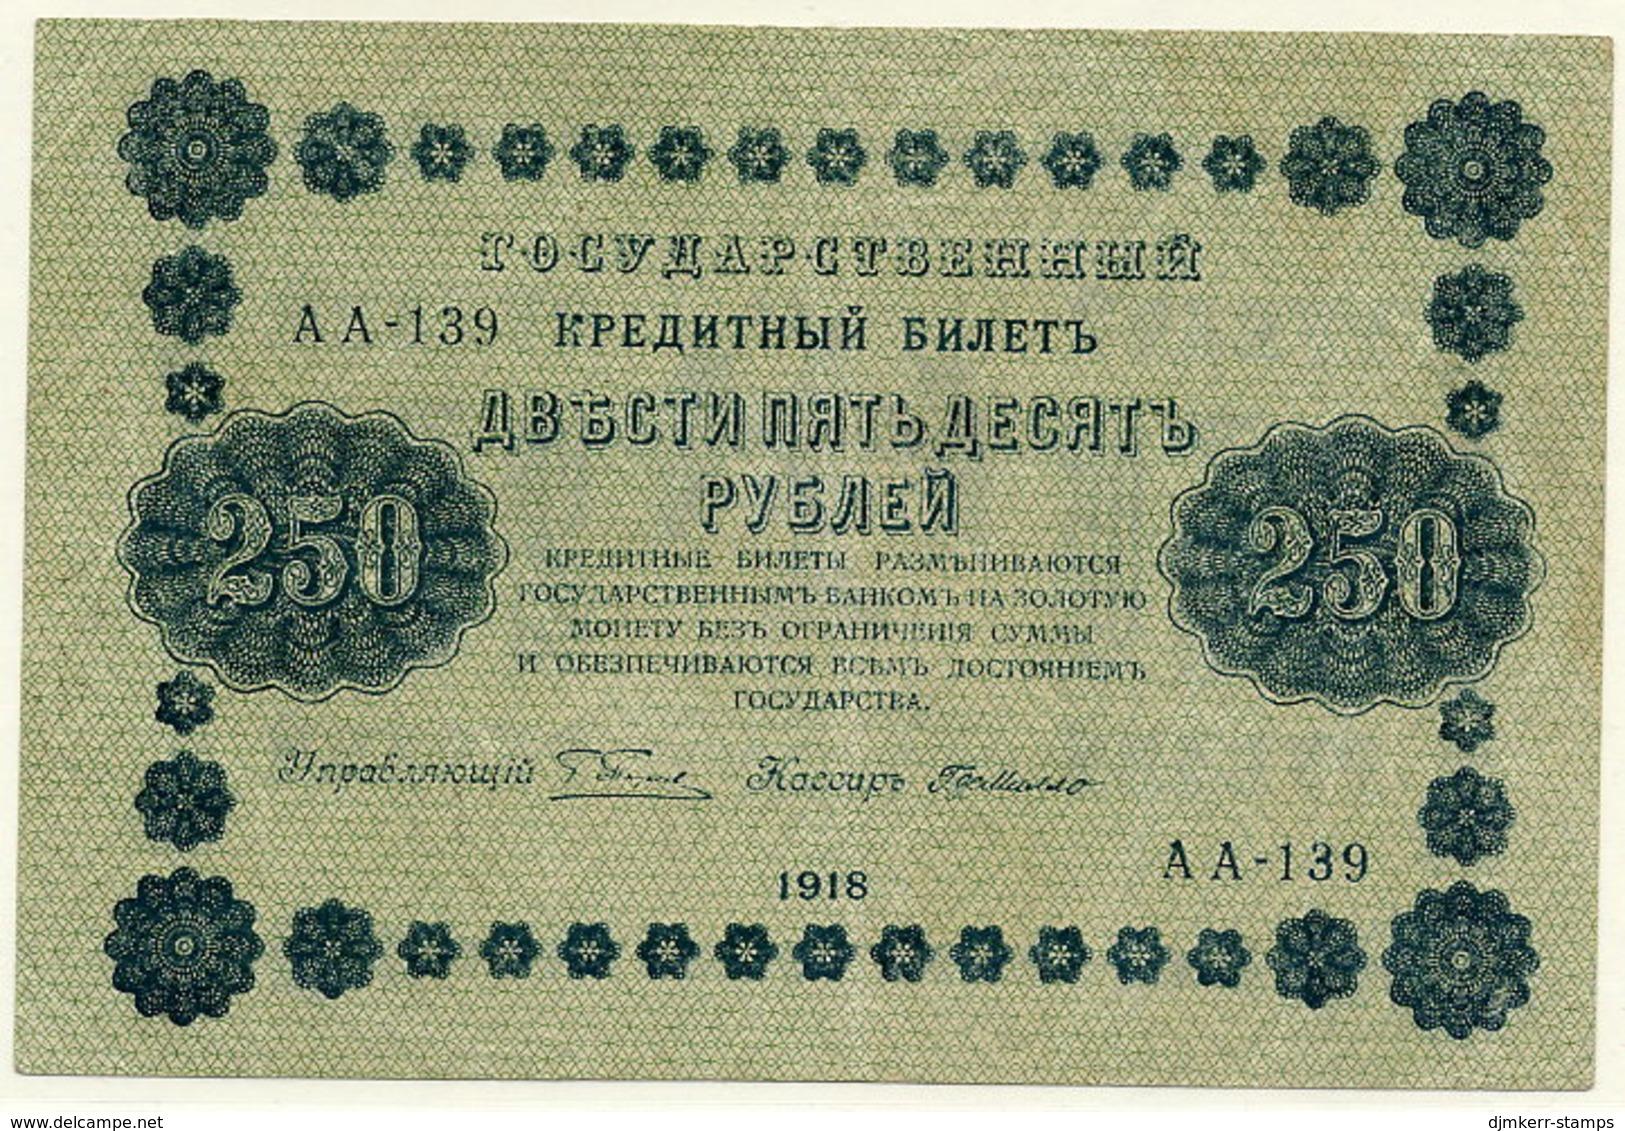 RSFSR 1918 250 Rub.  VF  P93 - Russia